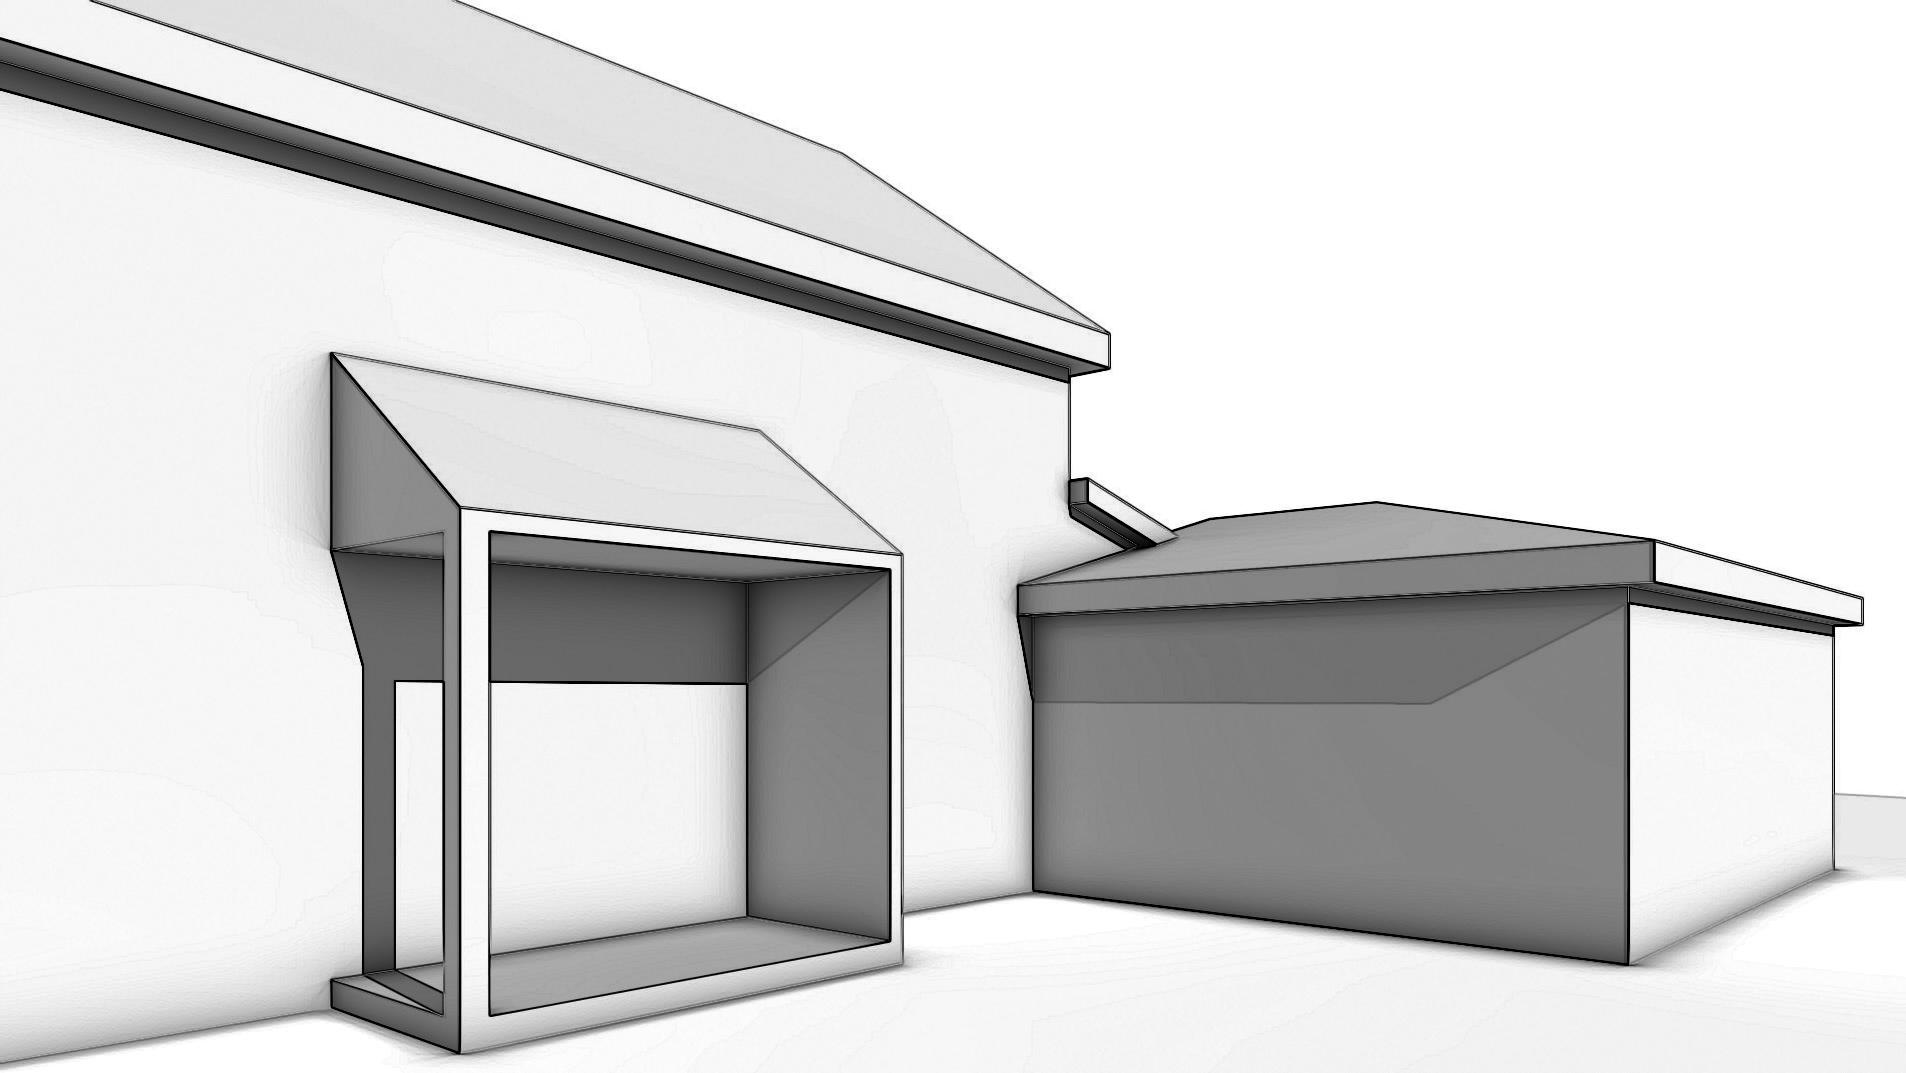 Roofline1-a.jpg